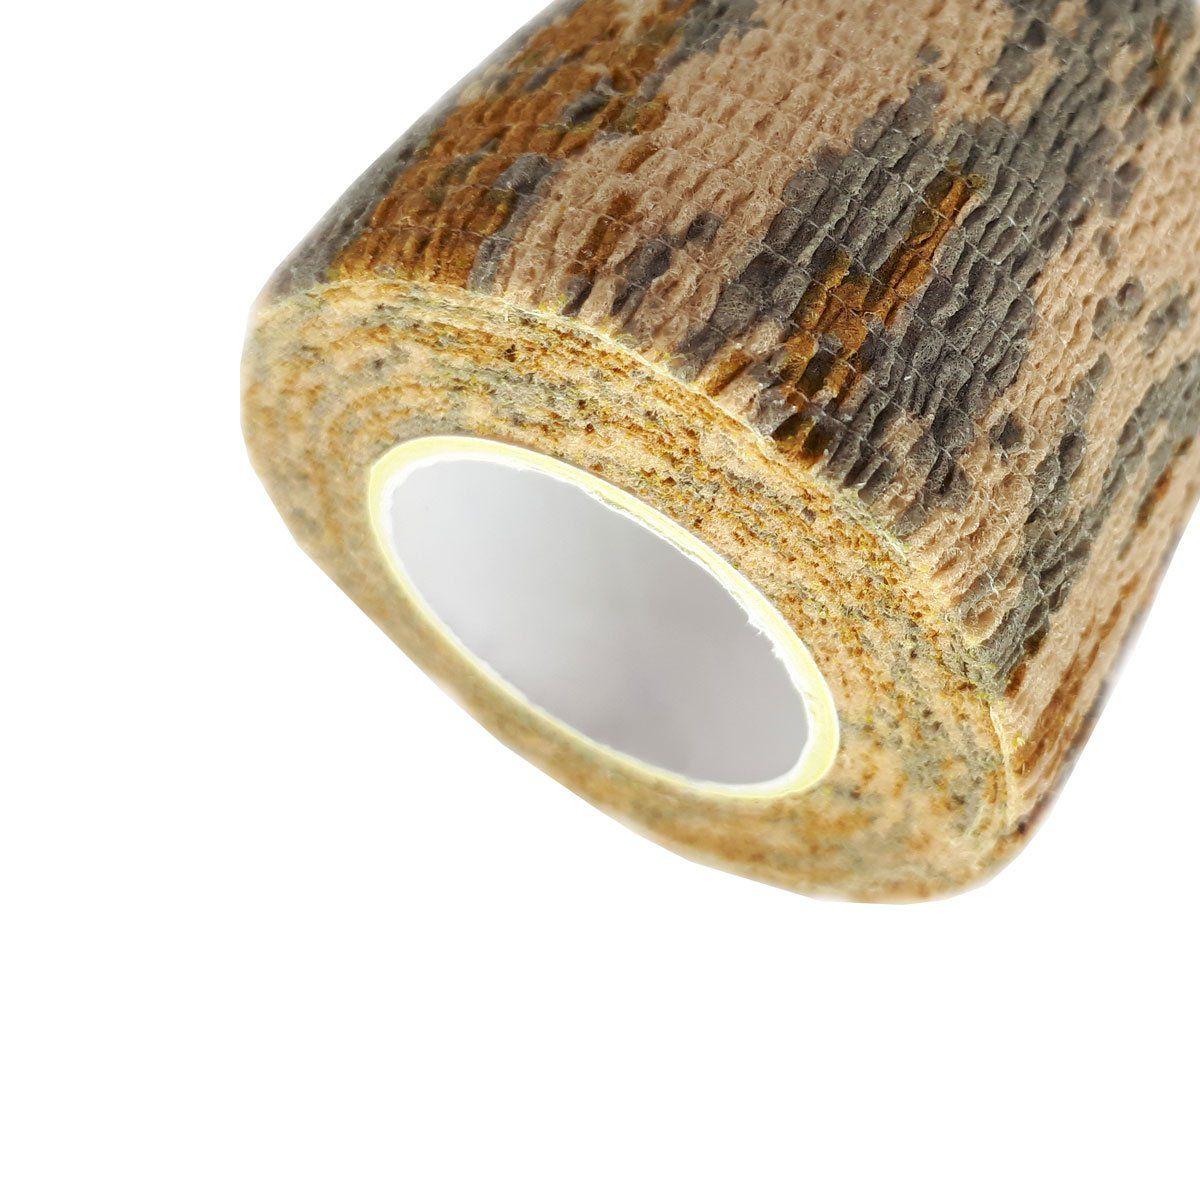 Fita para Camuflagem Albatroz Camo Tape FT-02 5 Mts